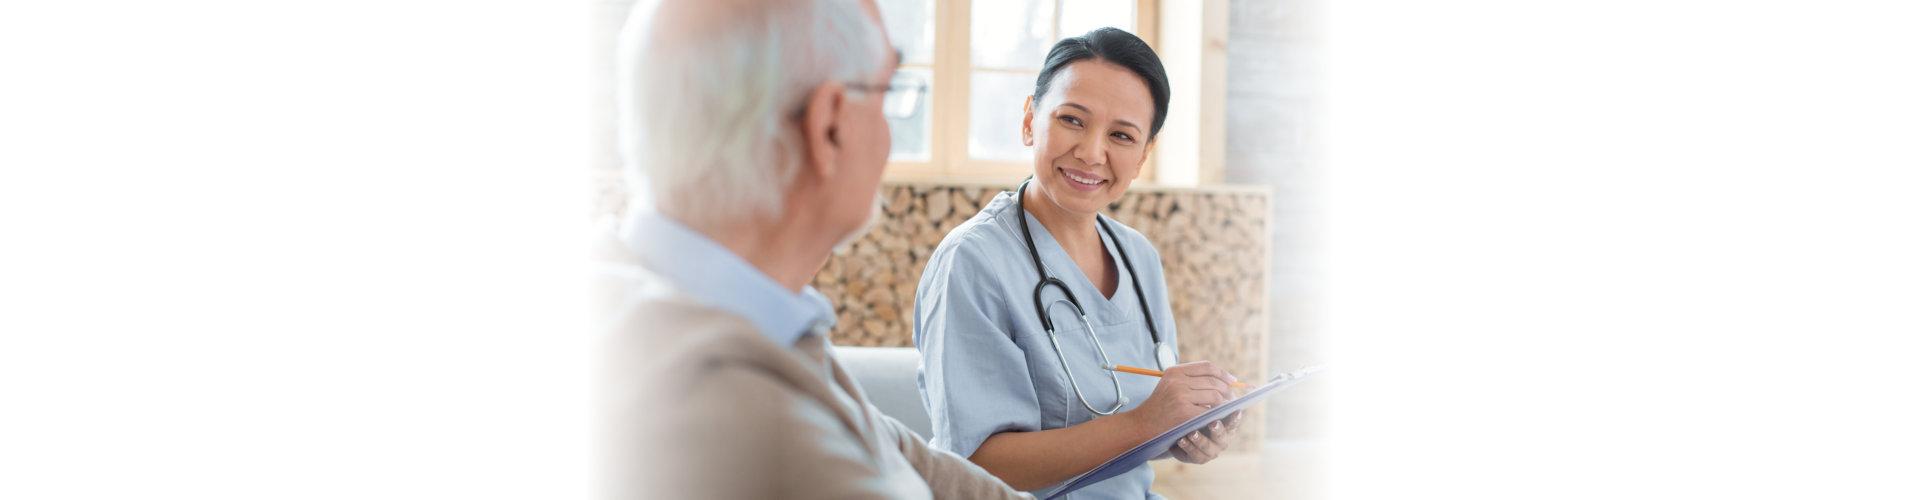 nurse interview patient